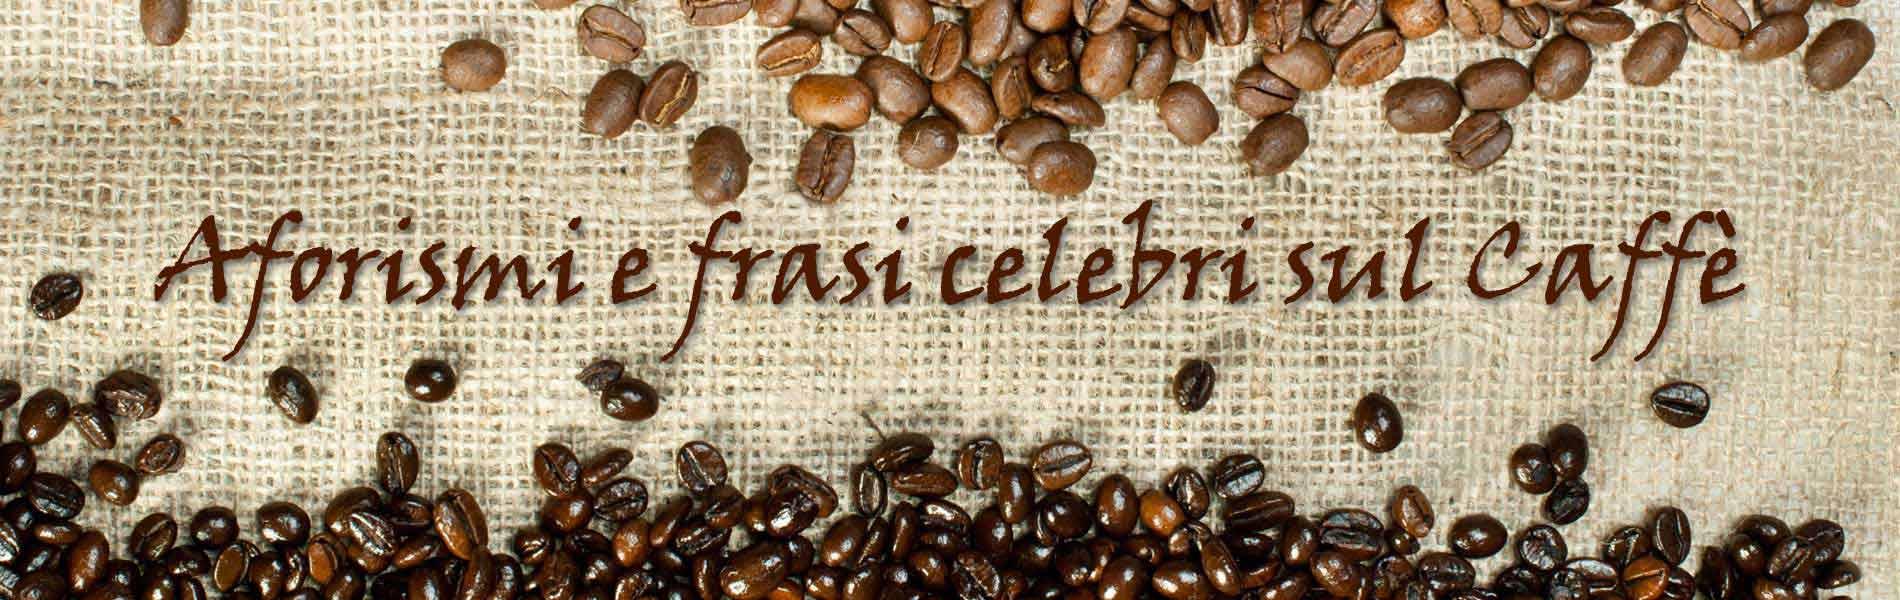 Aforismi E Frasi Celebri Sul Caffe Caffe Torre